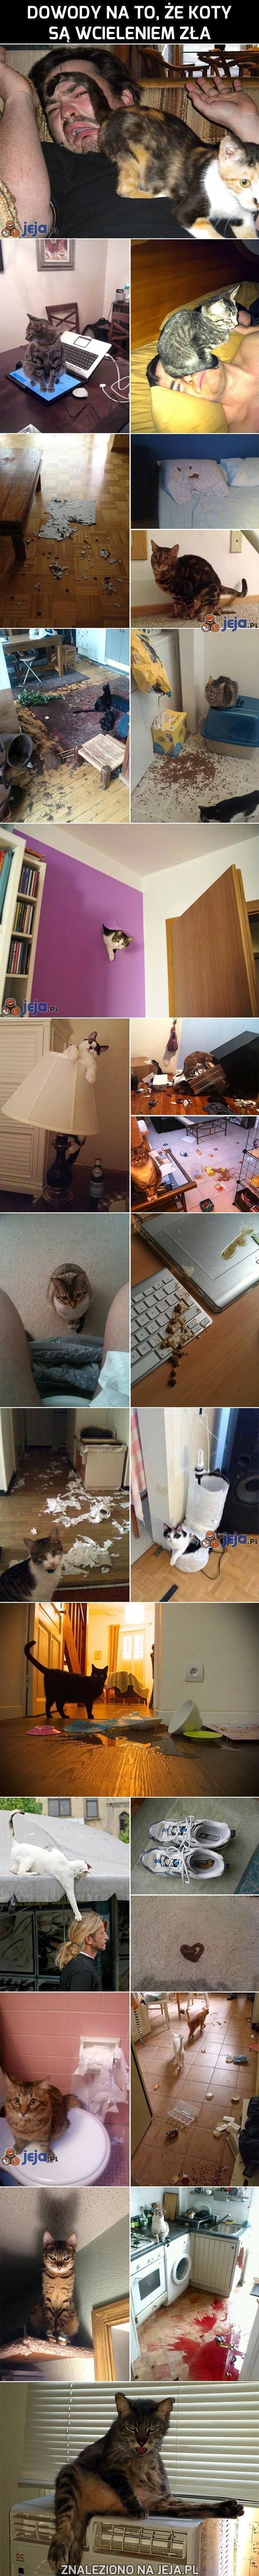 Dowody na to, że koty są wcieleniem zła!